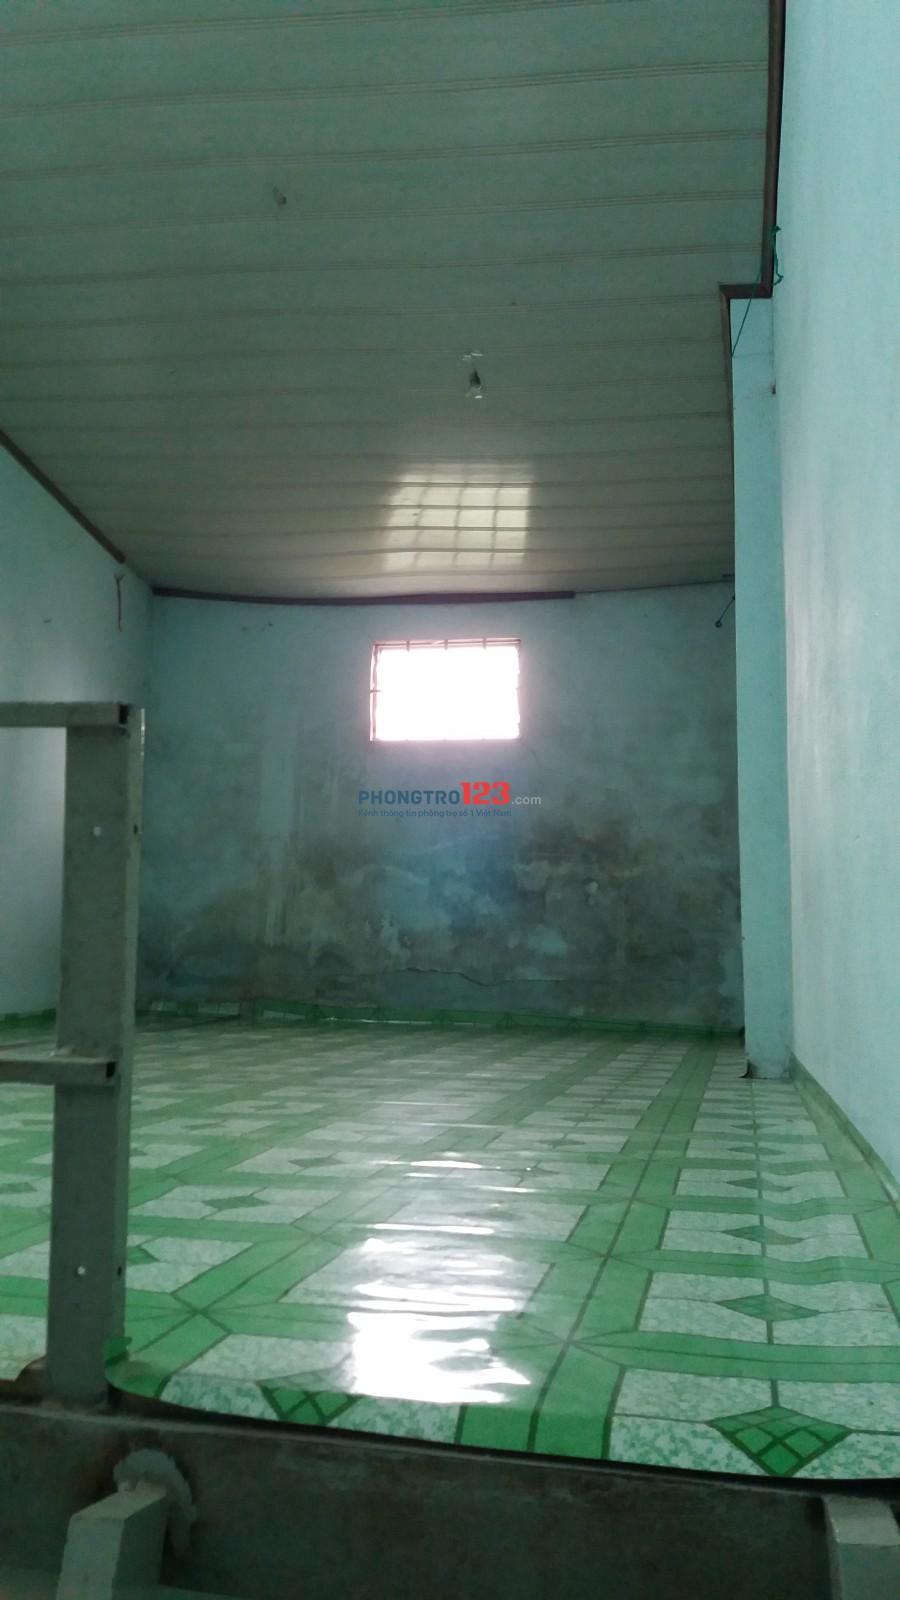 Phòng trọ rẻ và đẹp ngay trung tâm Sài Gòn!